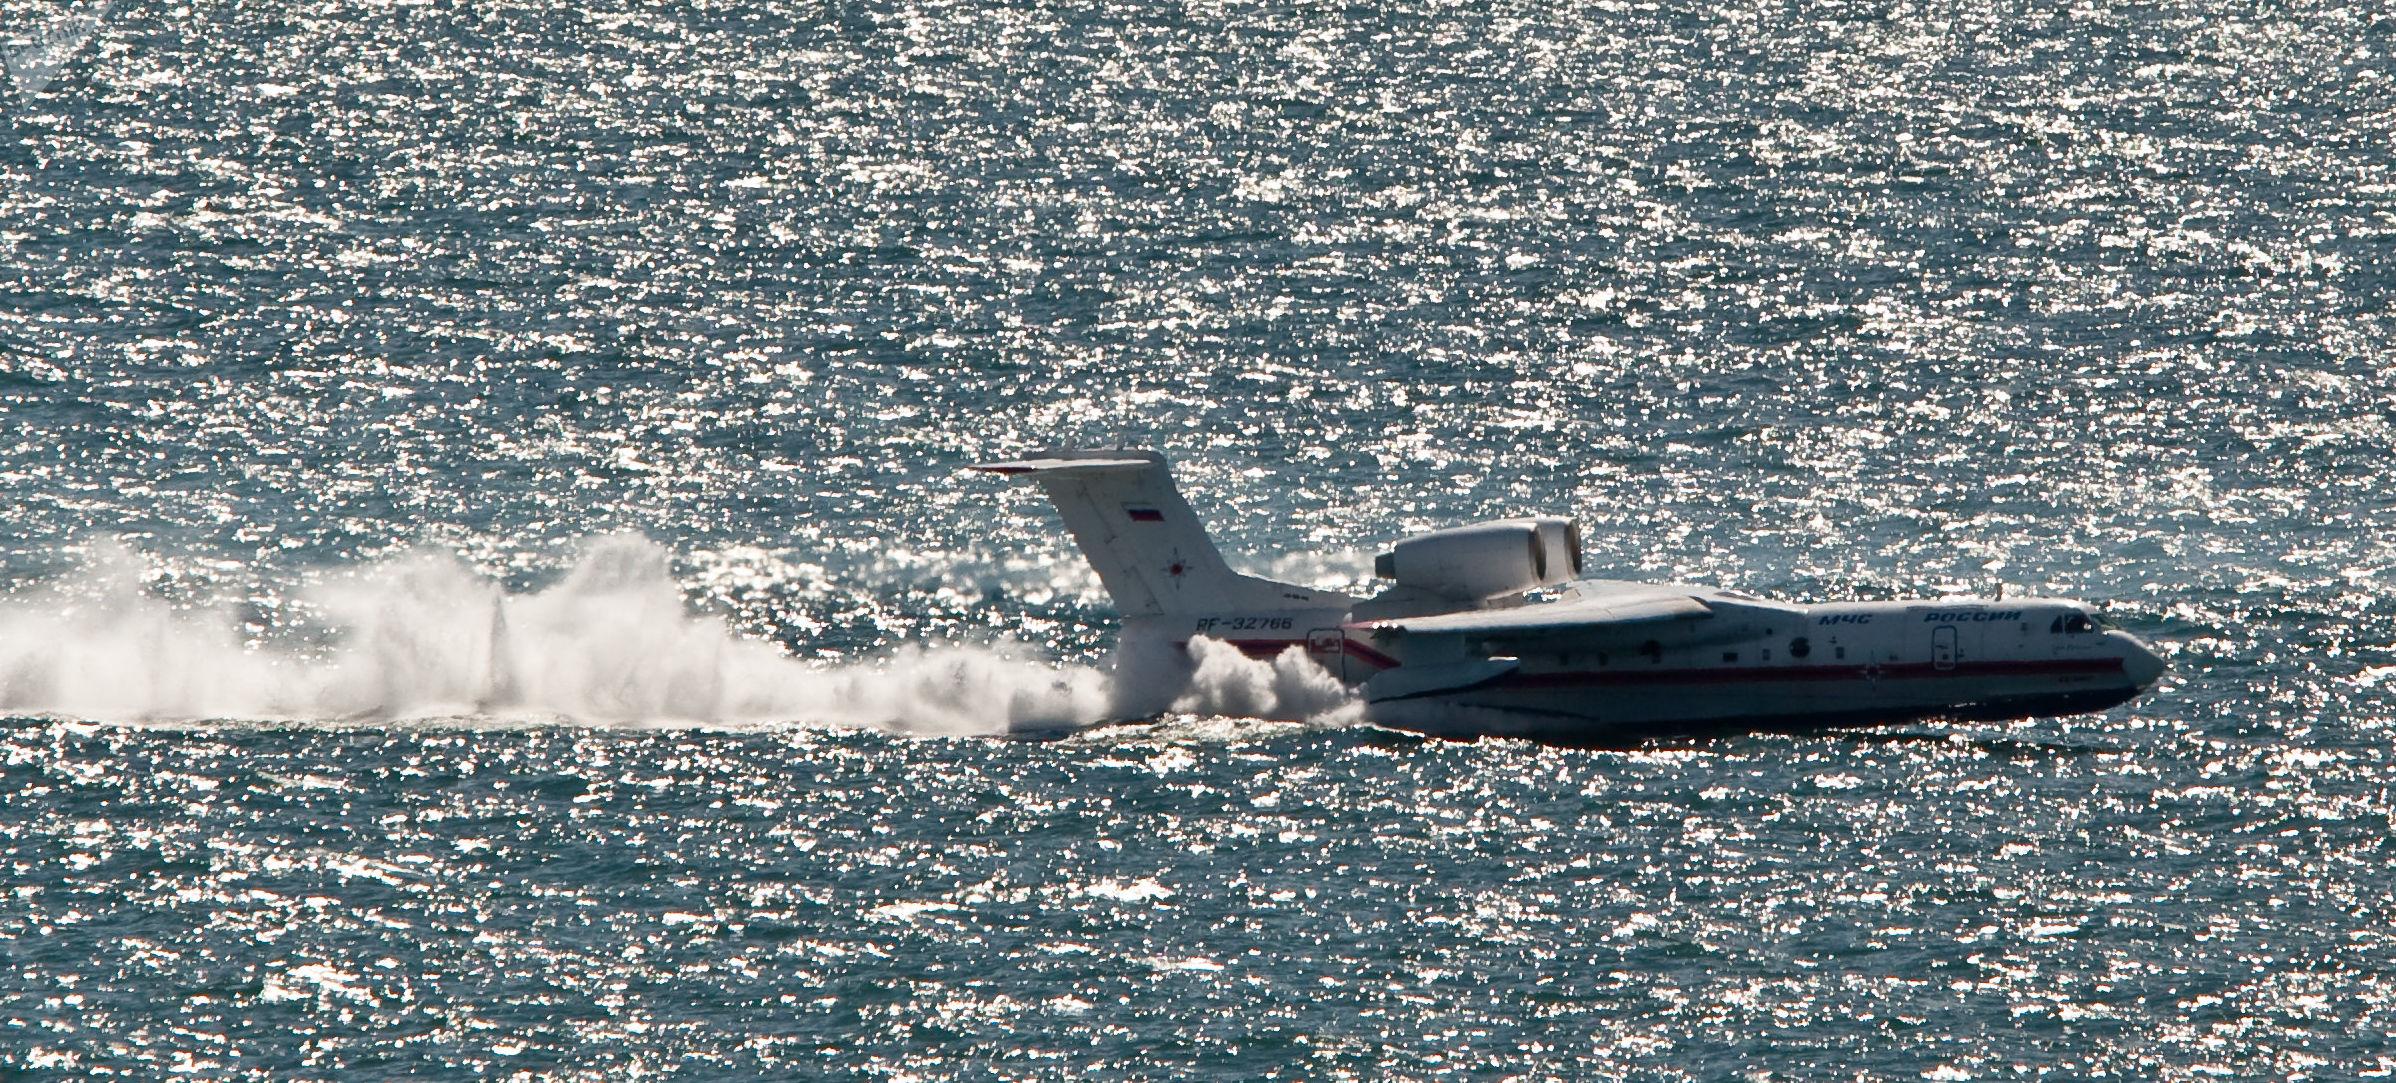 Aeronave anfíbia Beriev Be-200 do Ministério para Situações de Emergência faz manobras na ilha de Sakhalin